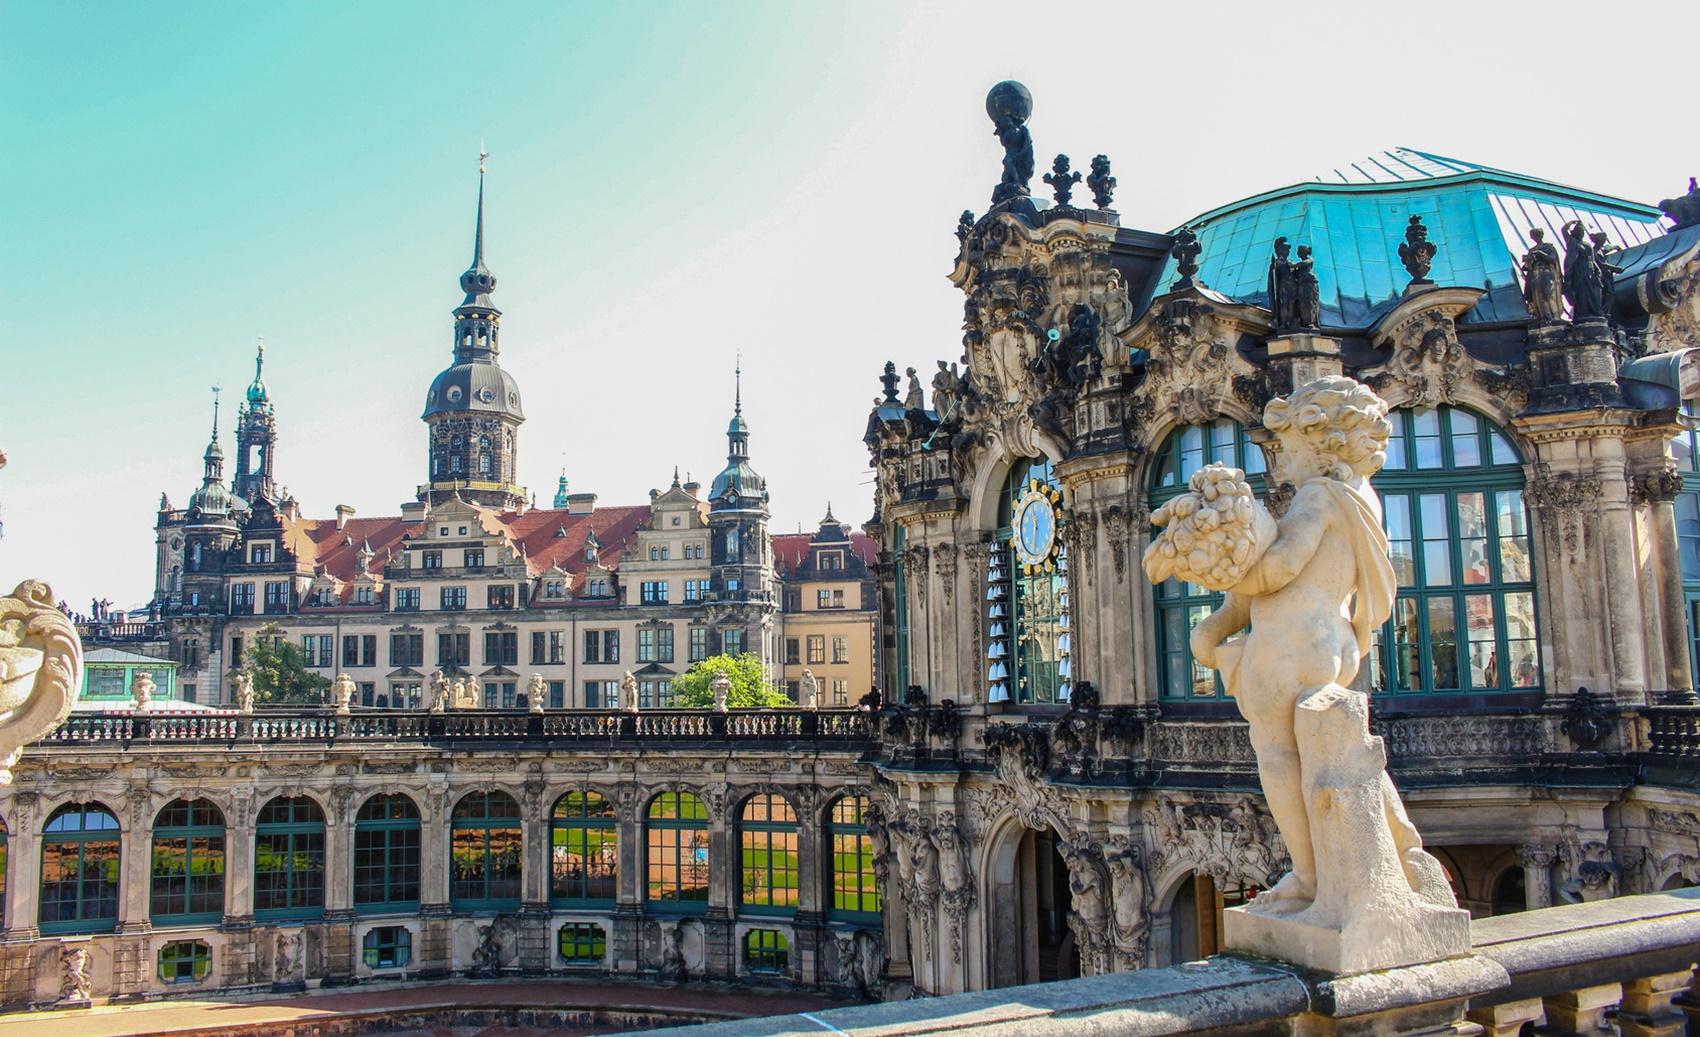 Zwinger Dresden Glockenspiel